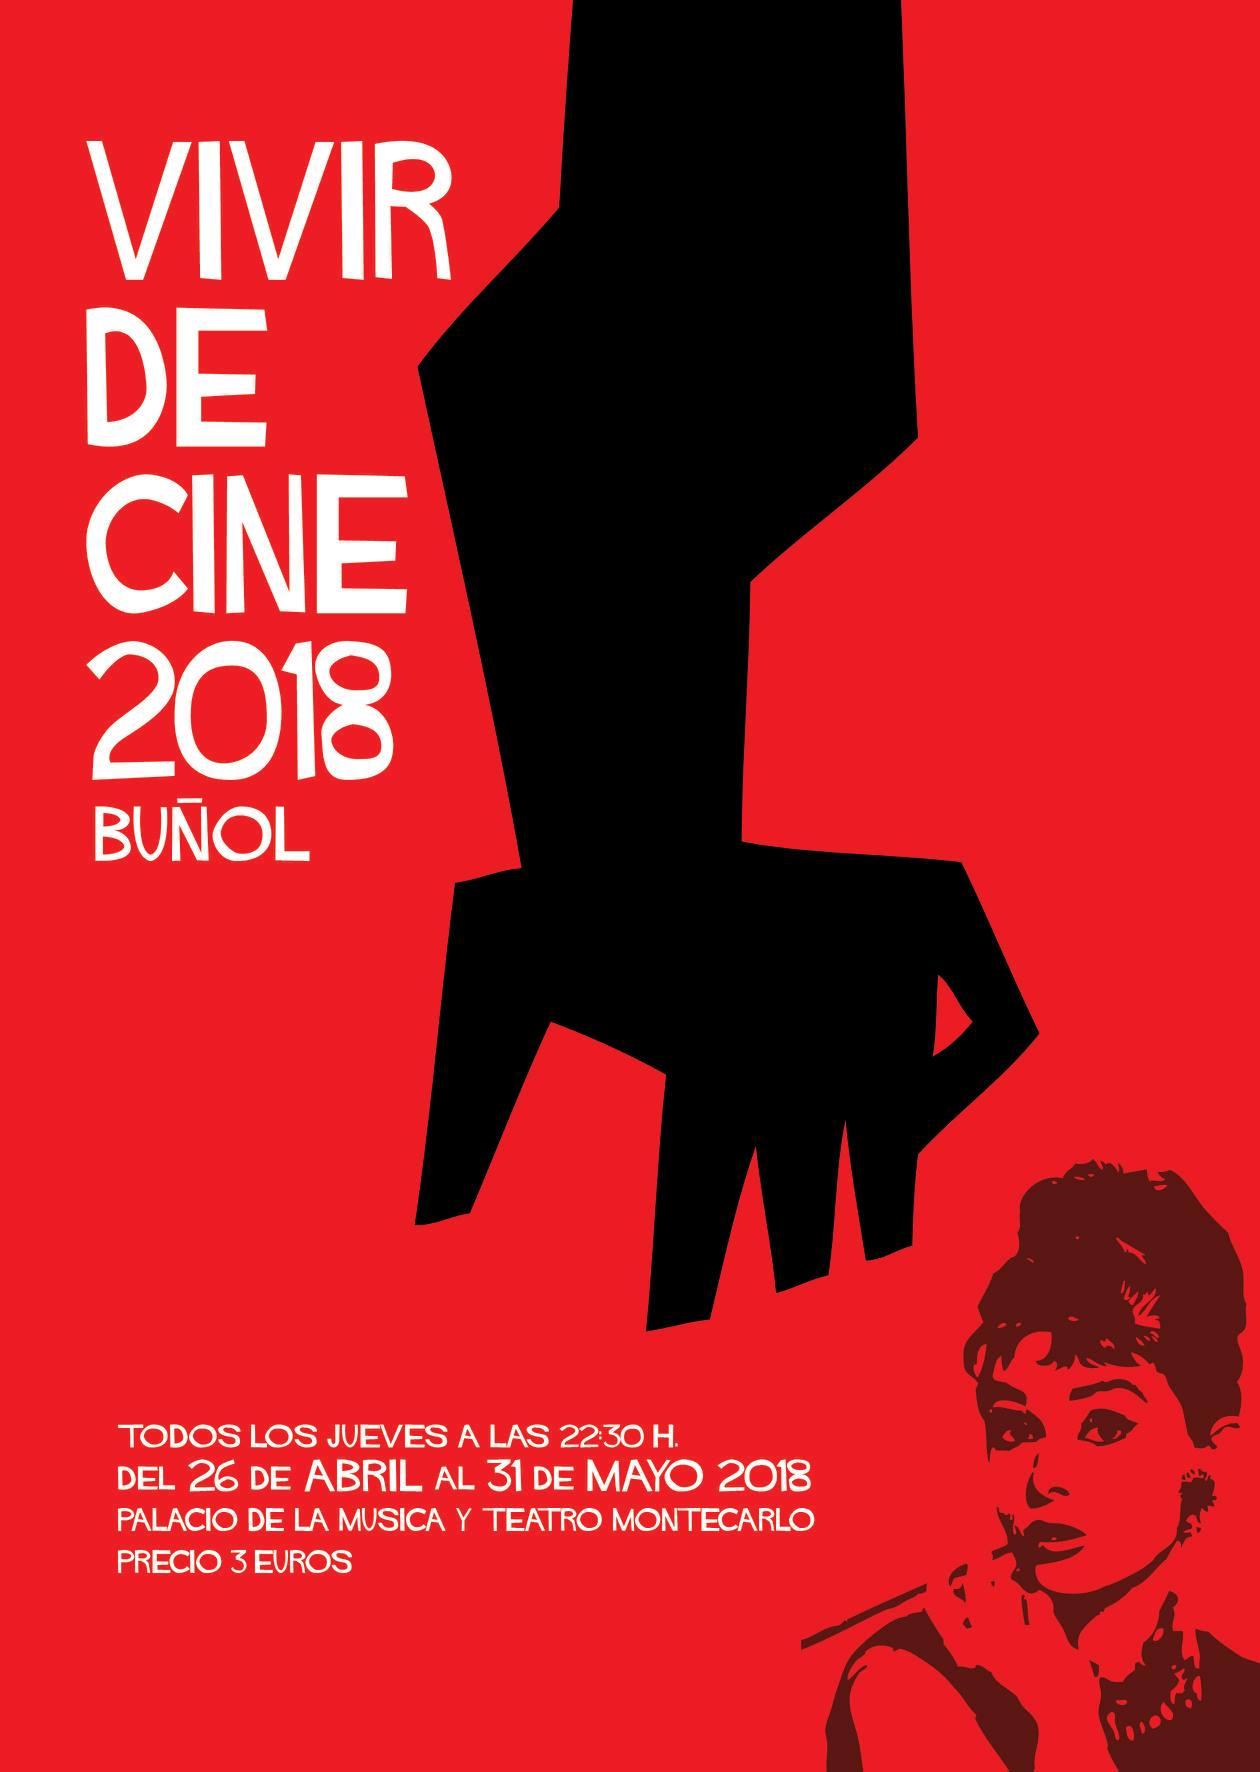 Cartel del Festival Vivir de Cine en Buñol 2018.